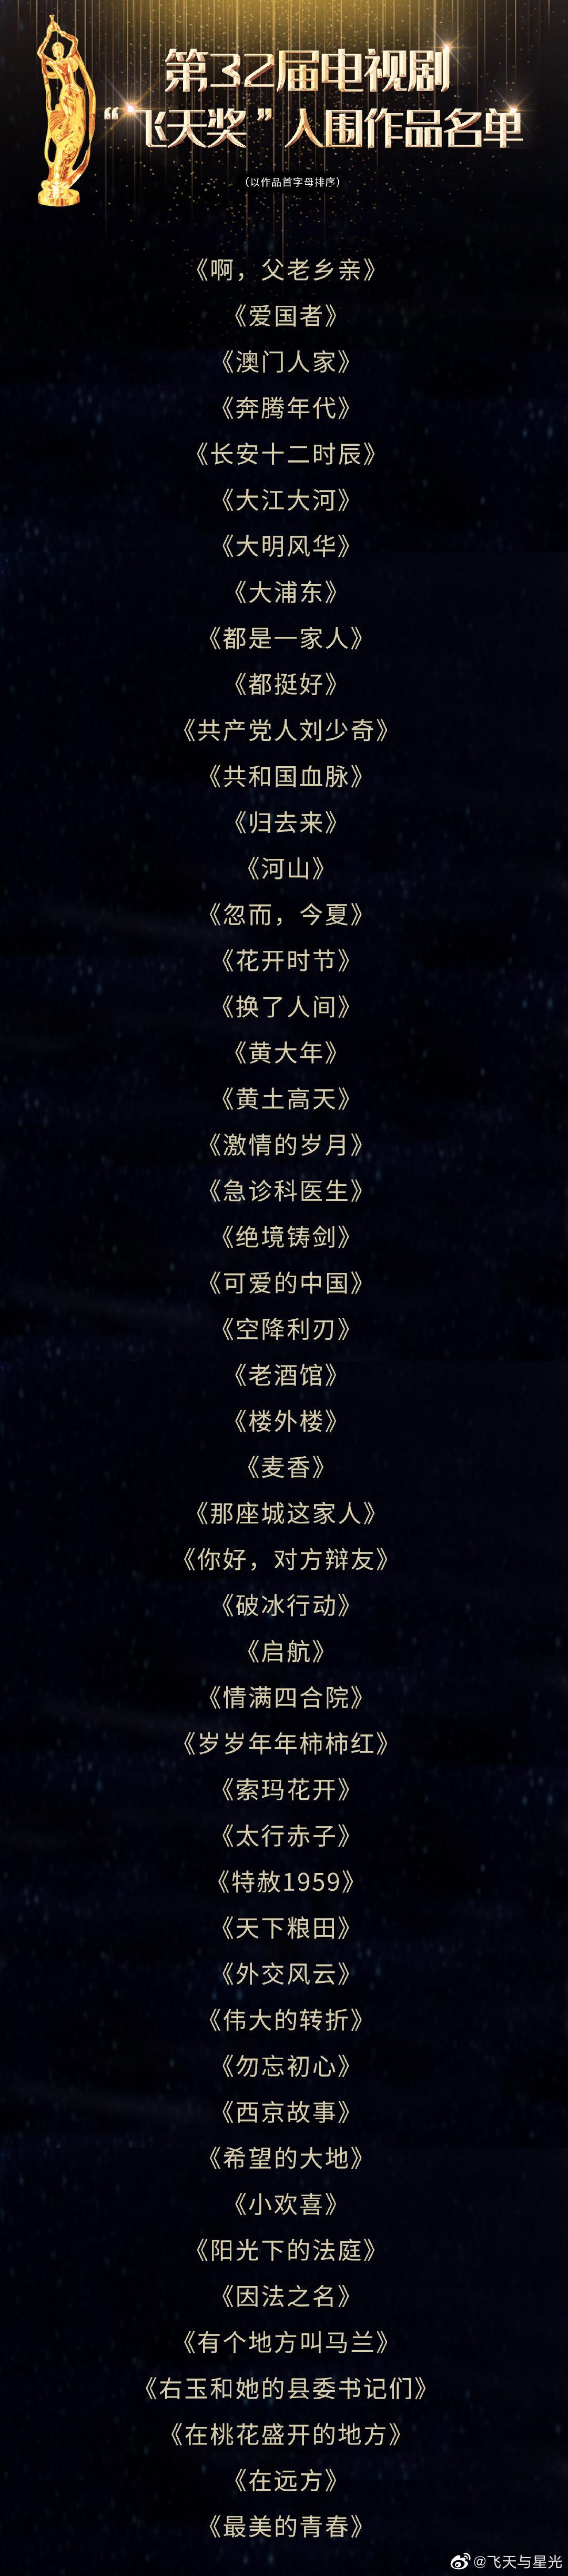 第32届飞天奖入围名单出炉 《十二时候》等在列